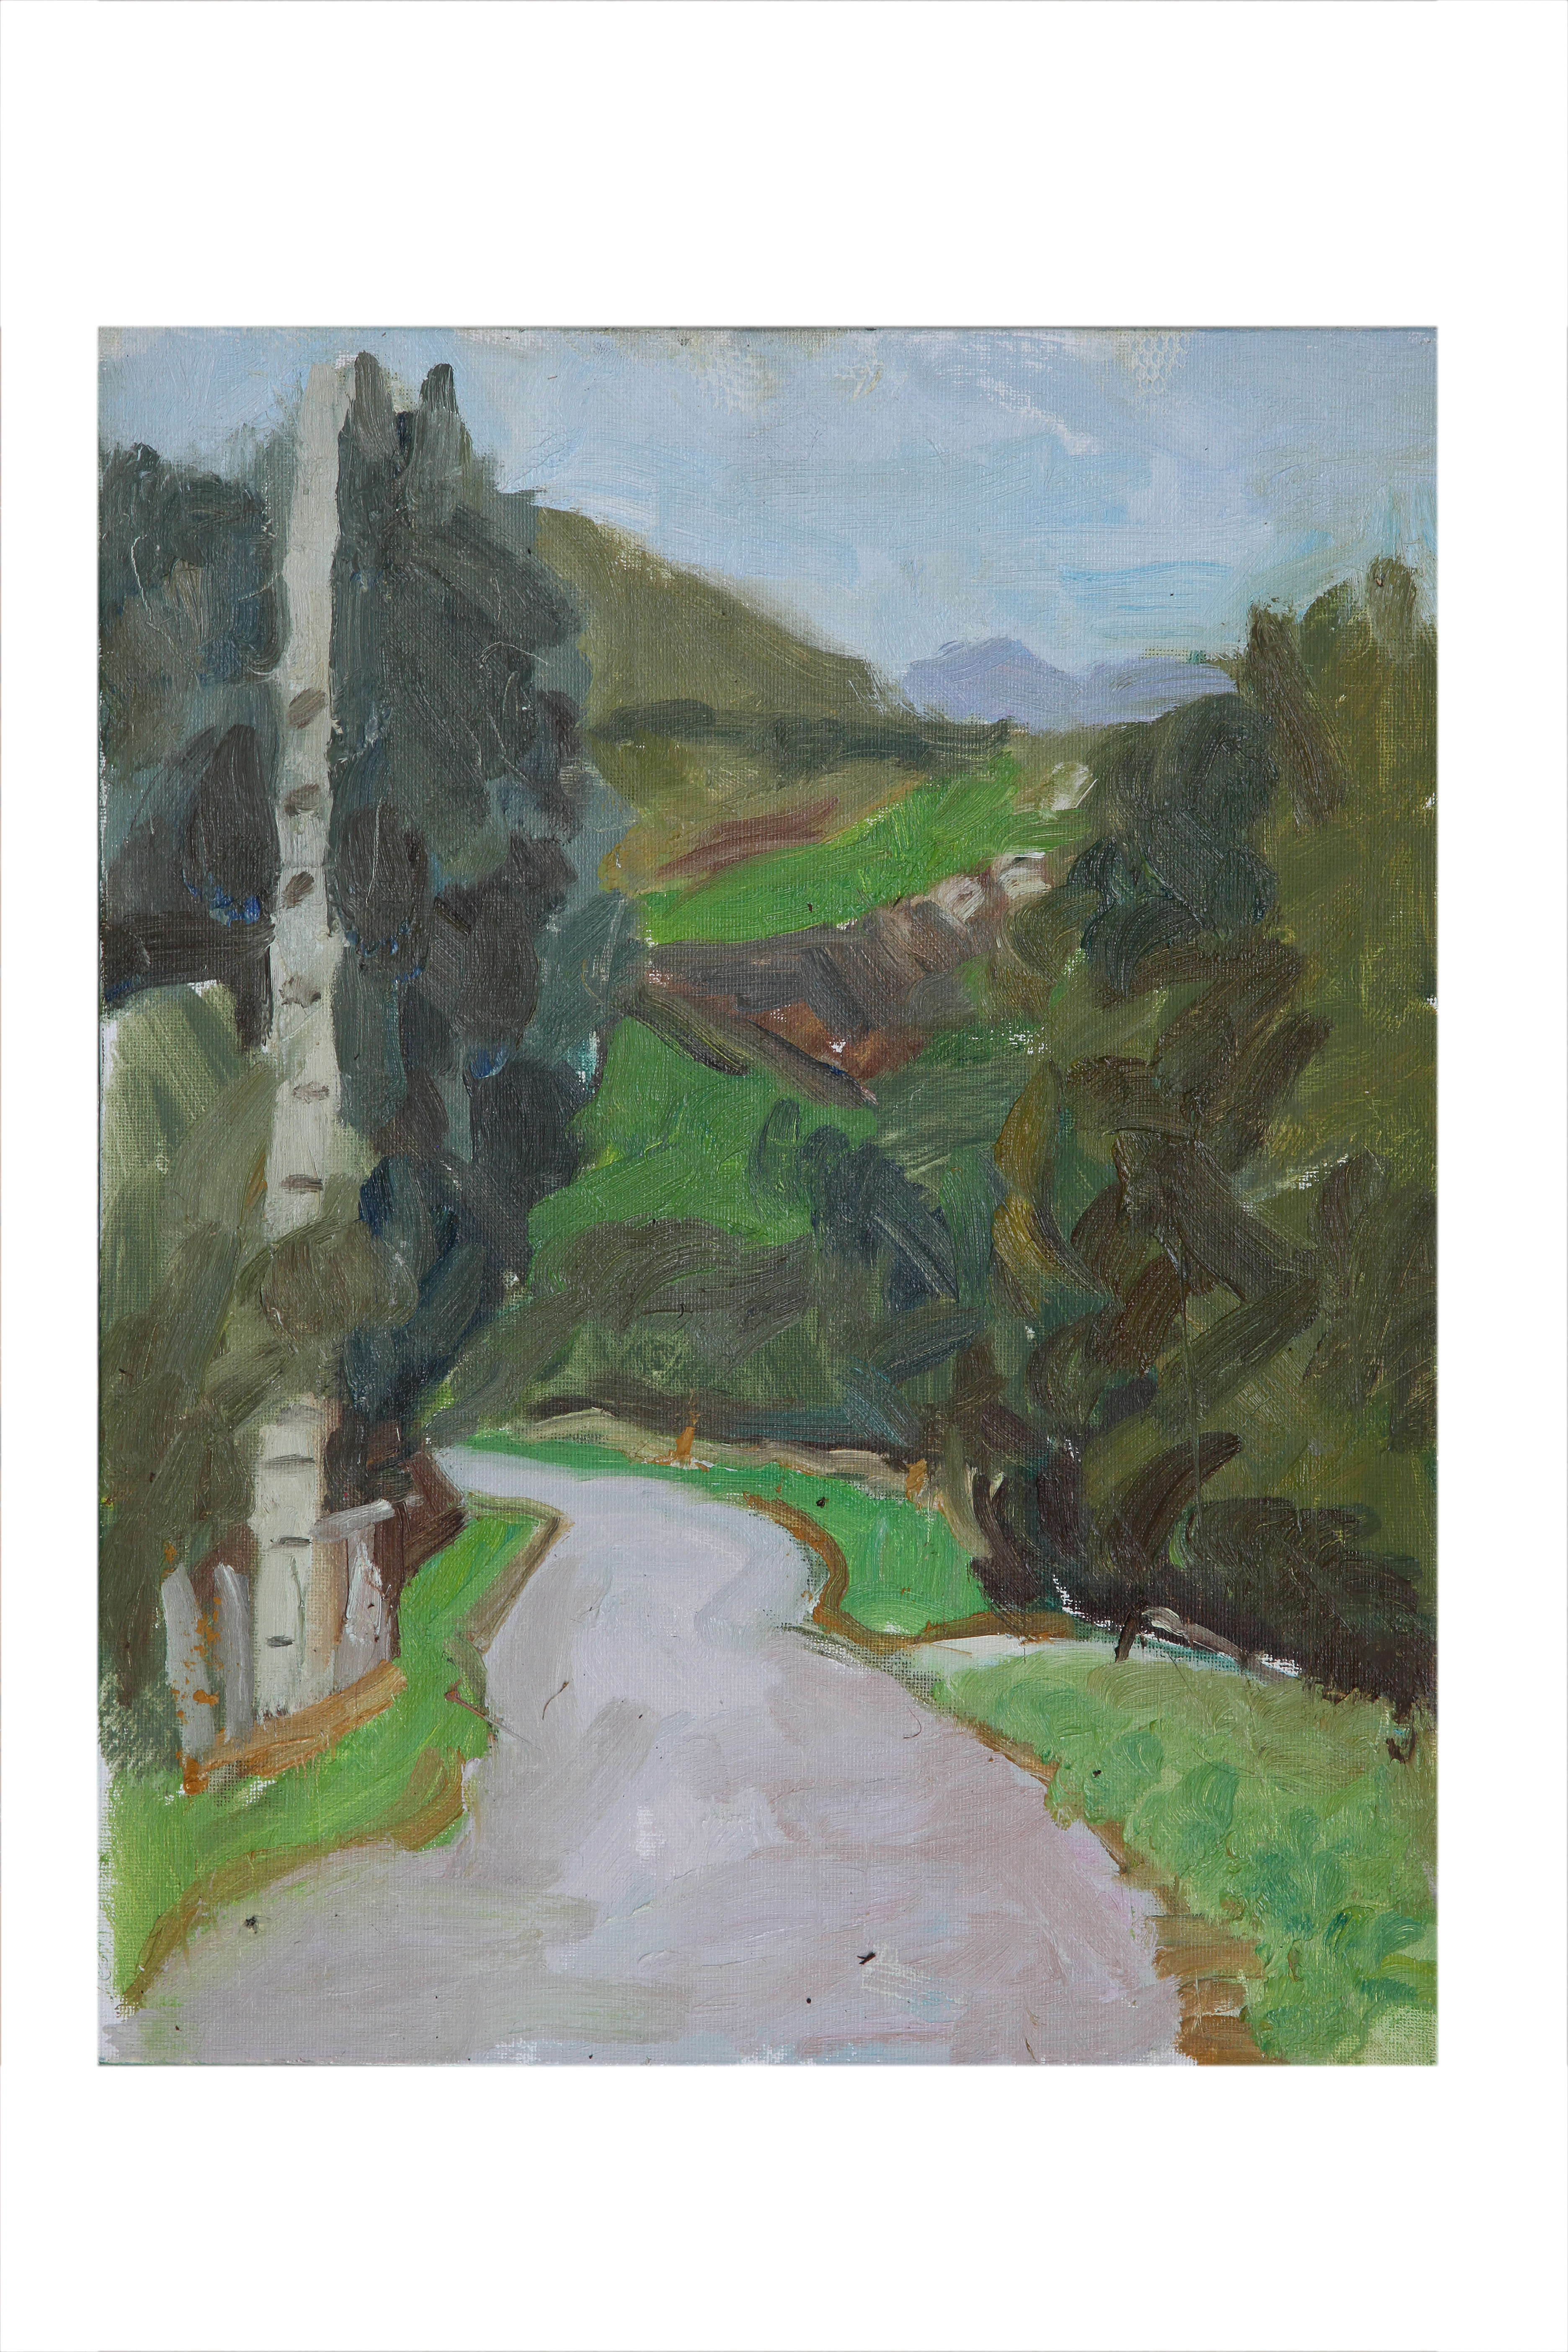 Road by San Roque de rio Miera, Cantabri